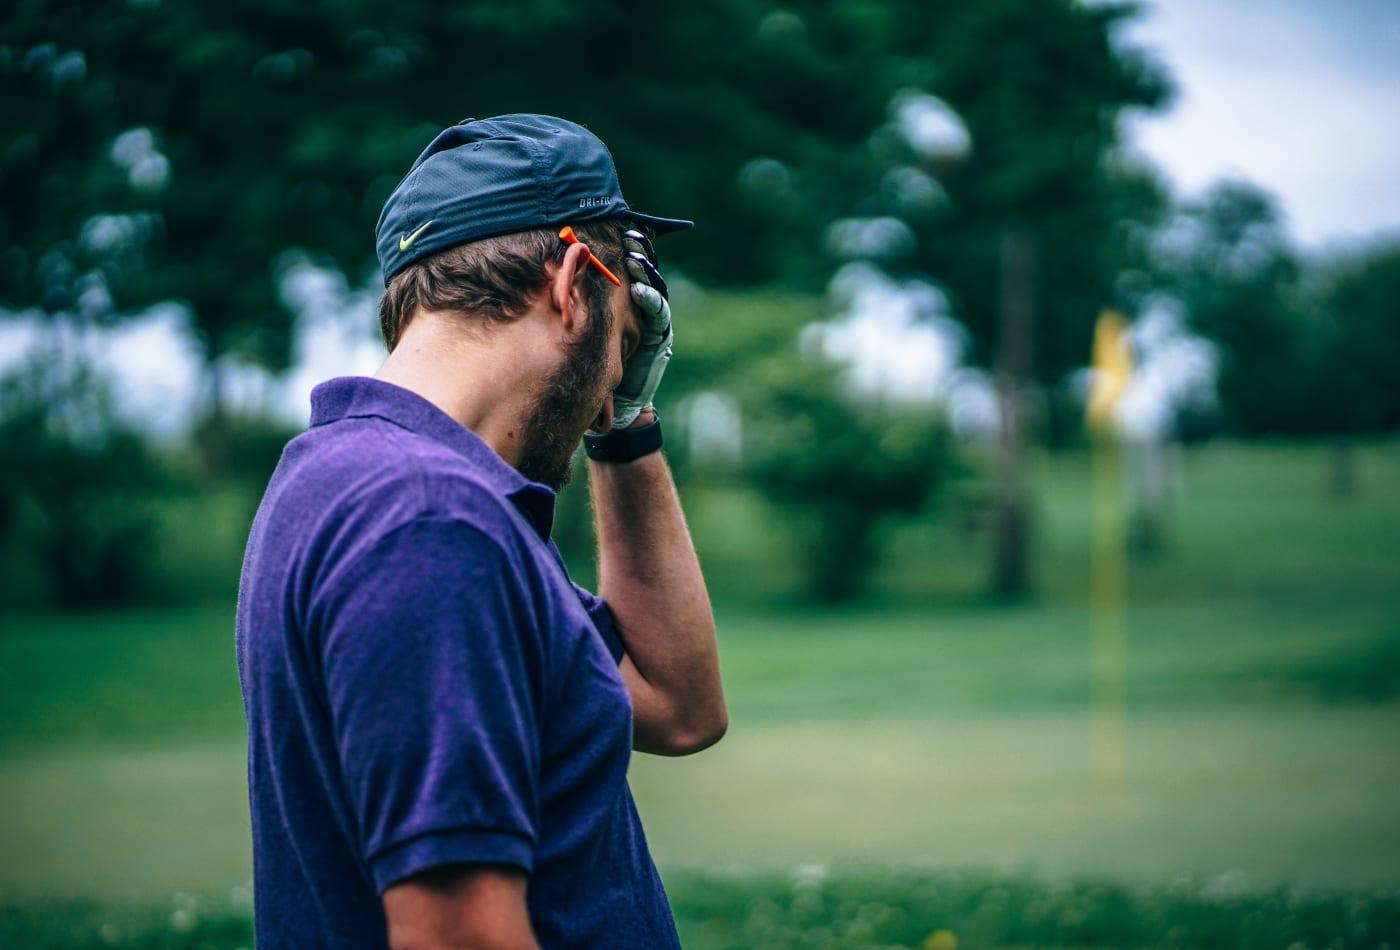 5 điều hối tiếc lớn nhất trong đời của các tỷ phú tự thân